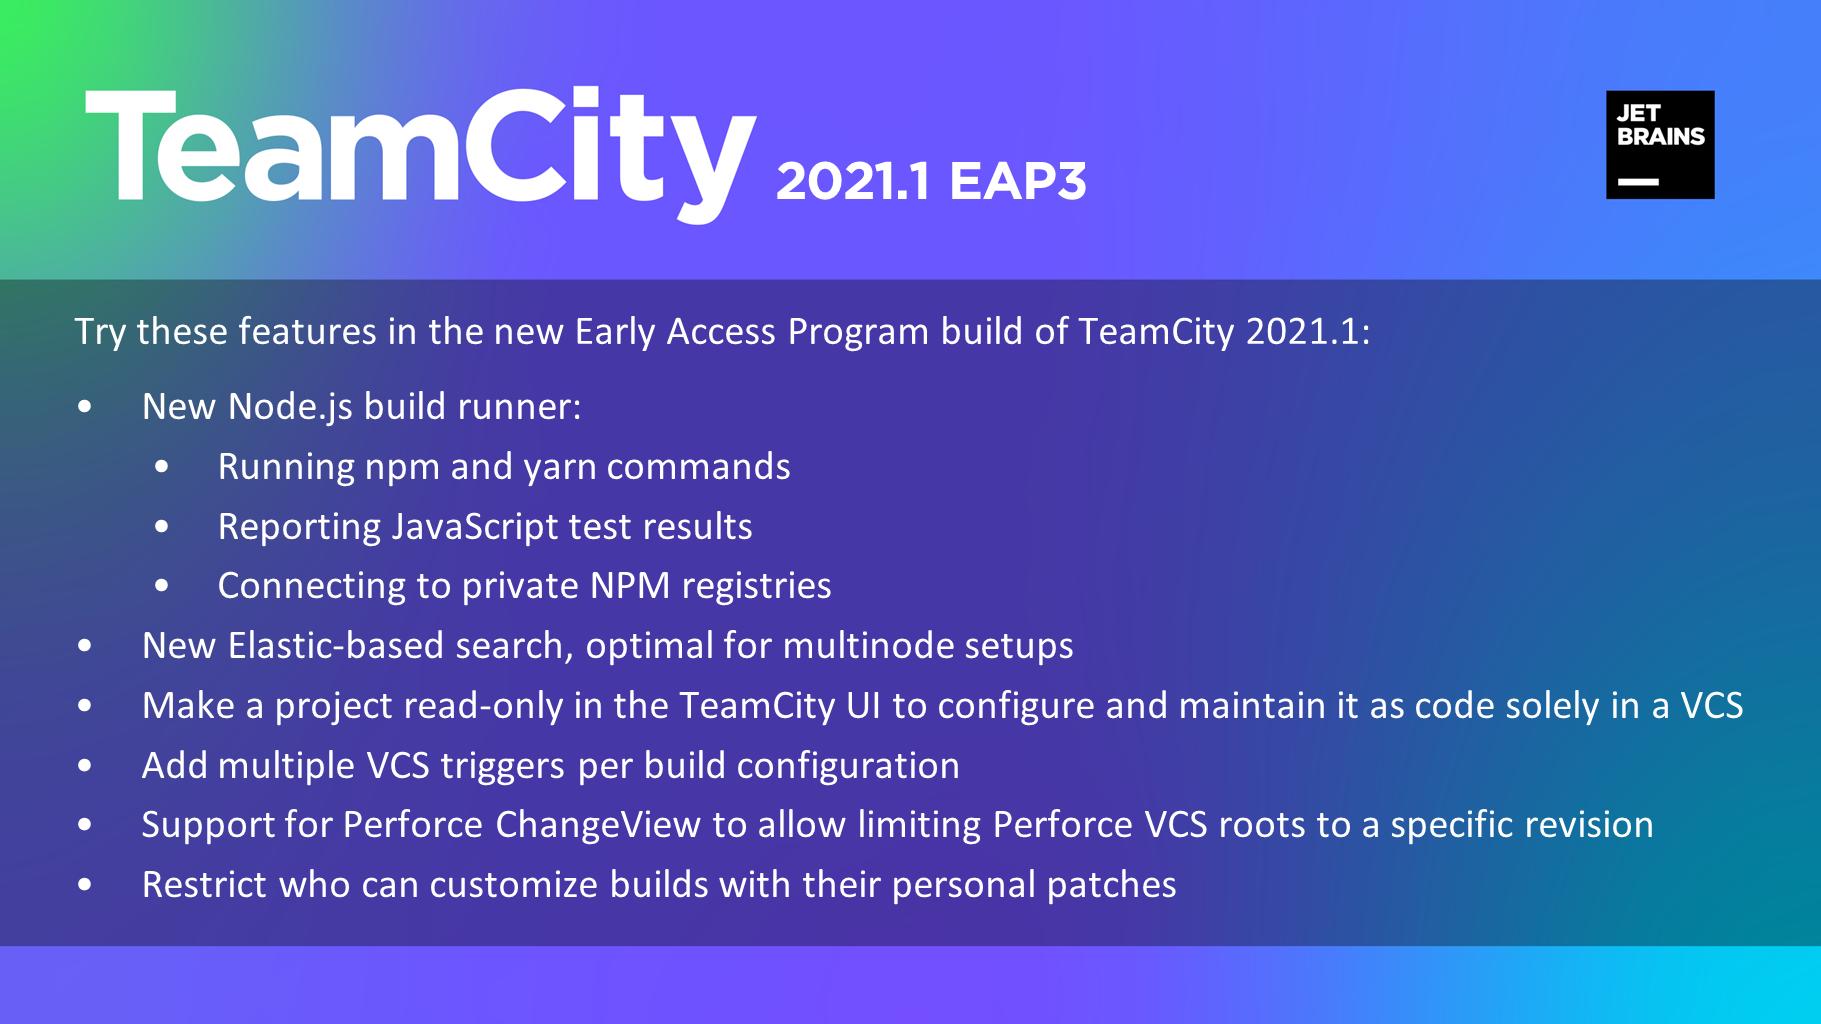 TeamCity 2021.1 EAP3